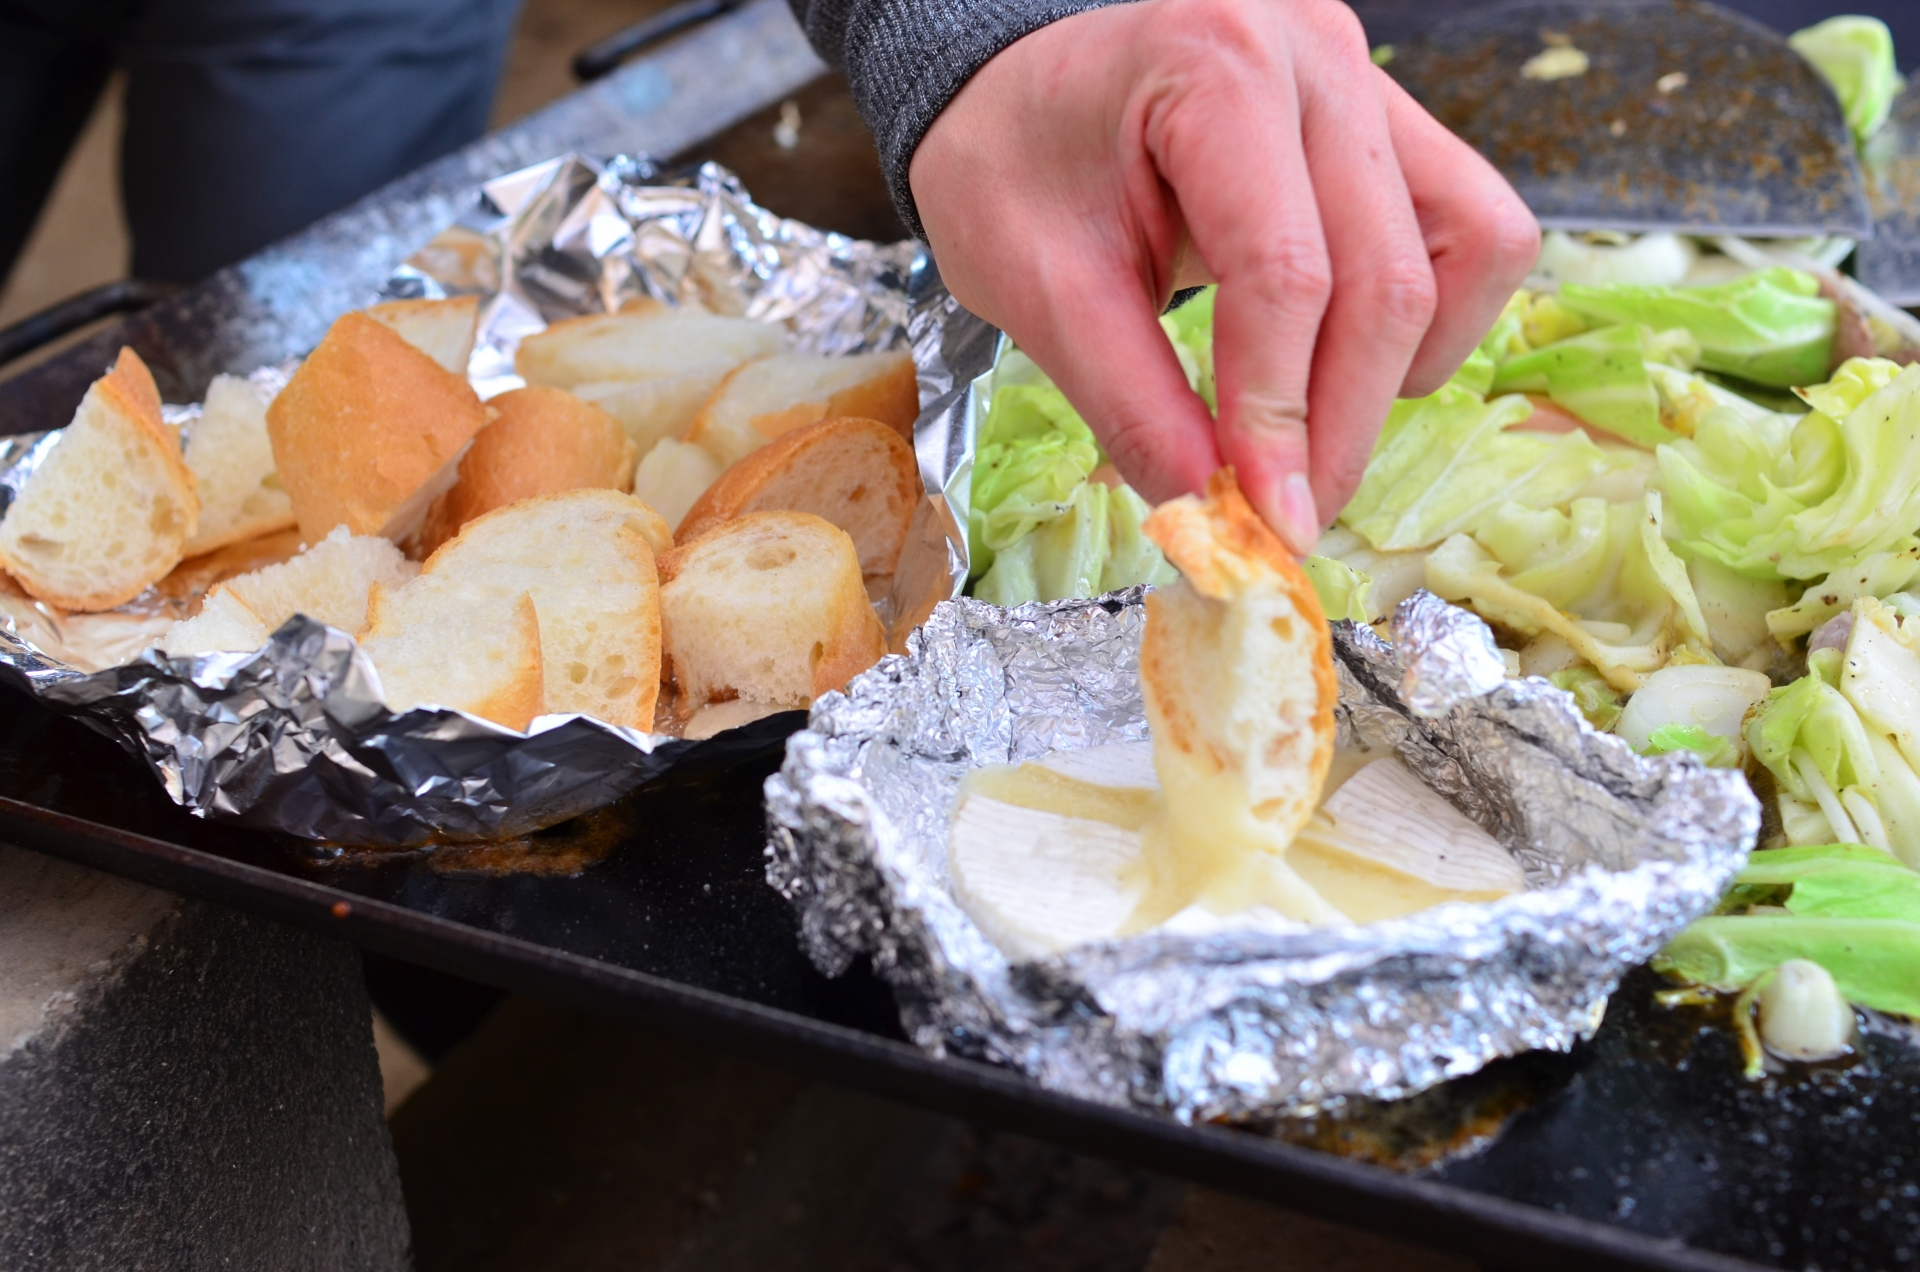 キャンプでアルミホイルが大活躍!【料理も片付けも楽チンで便利です】